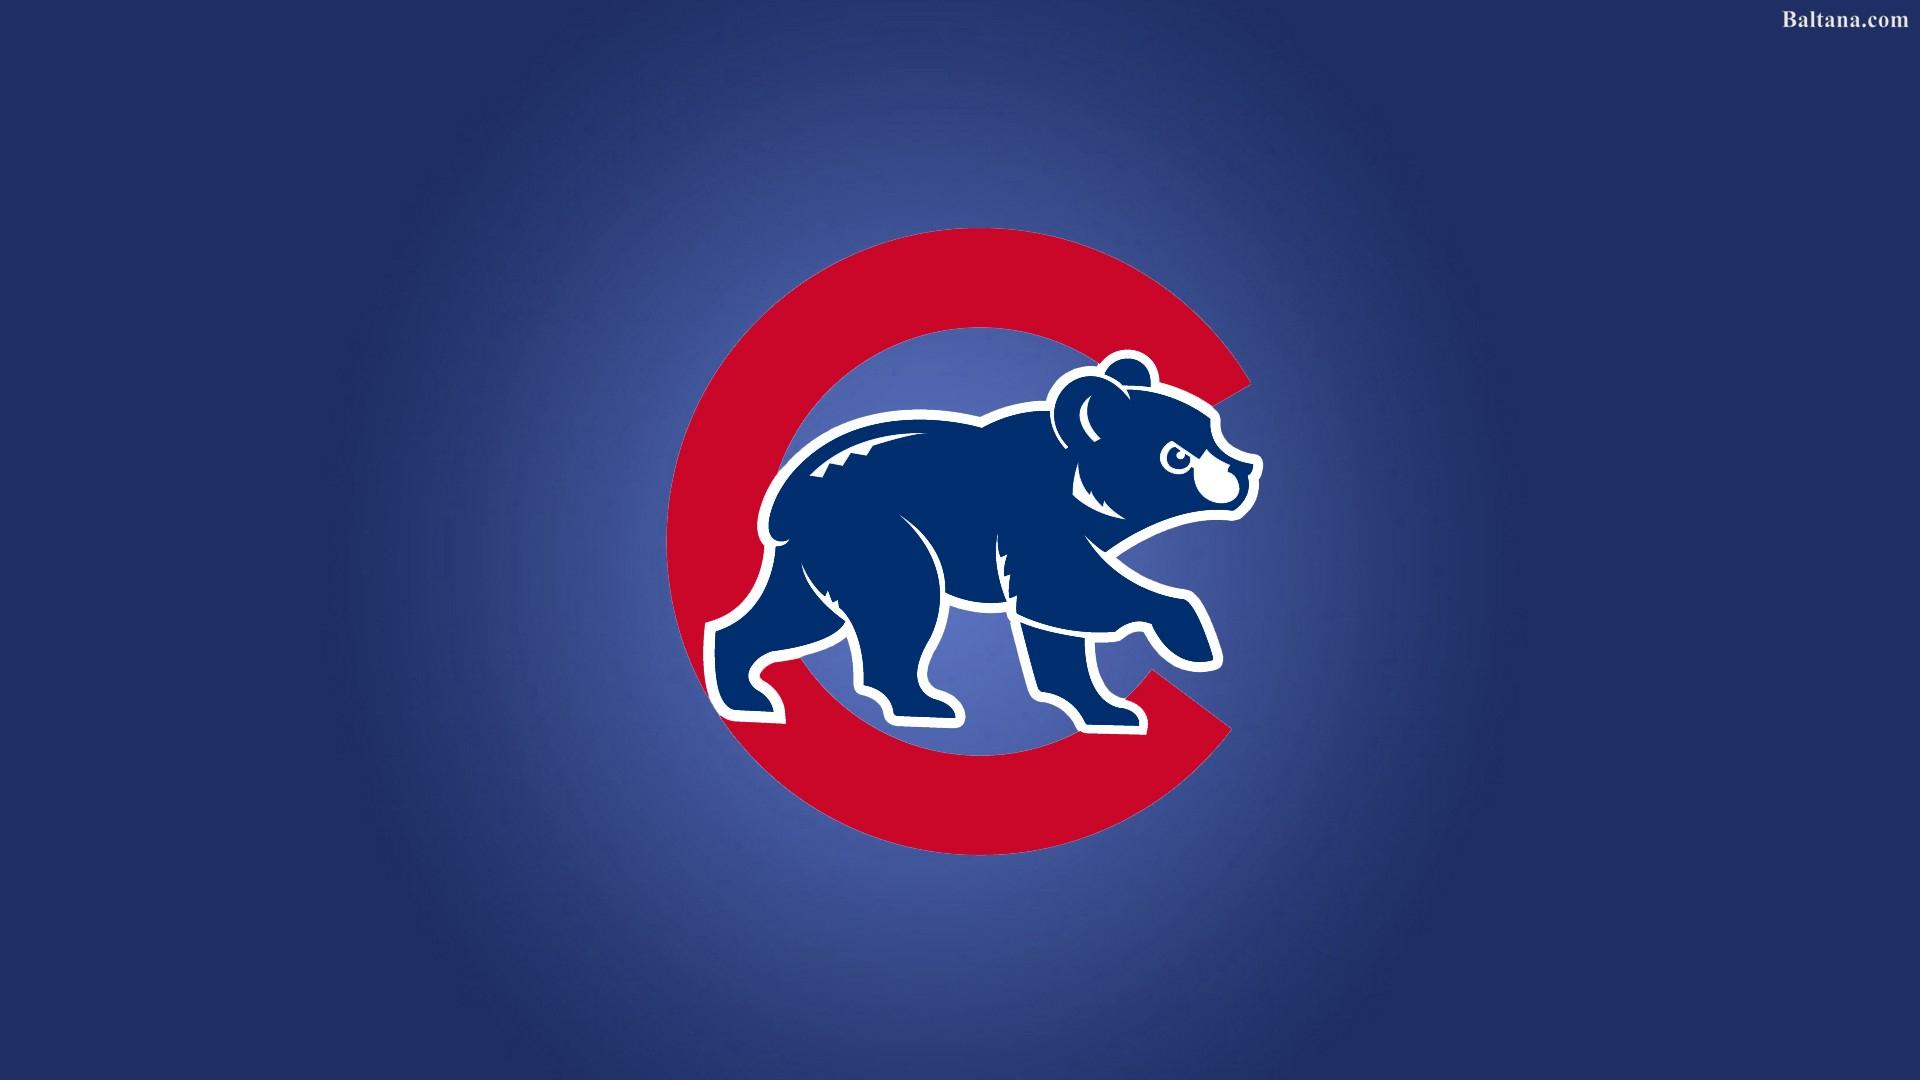 chicago cubs hd desktop wallpaper 33015 - baltana